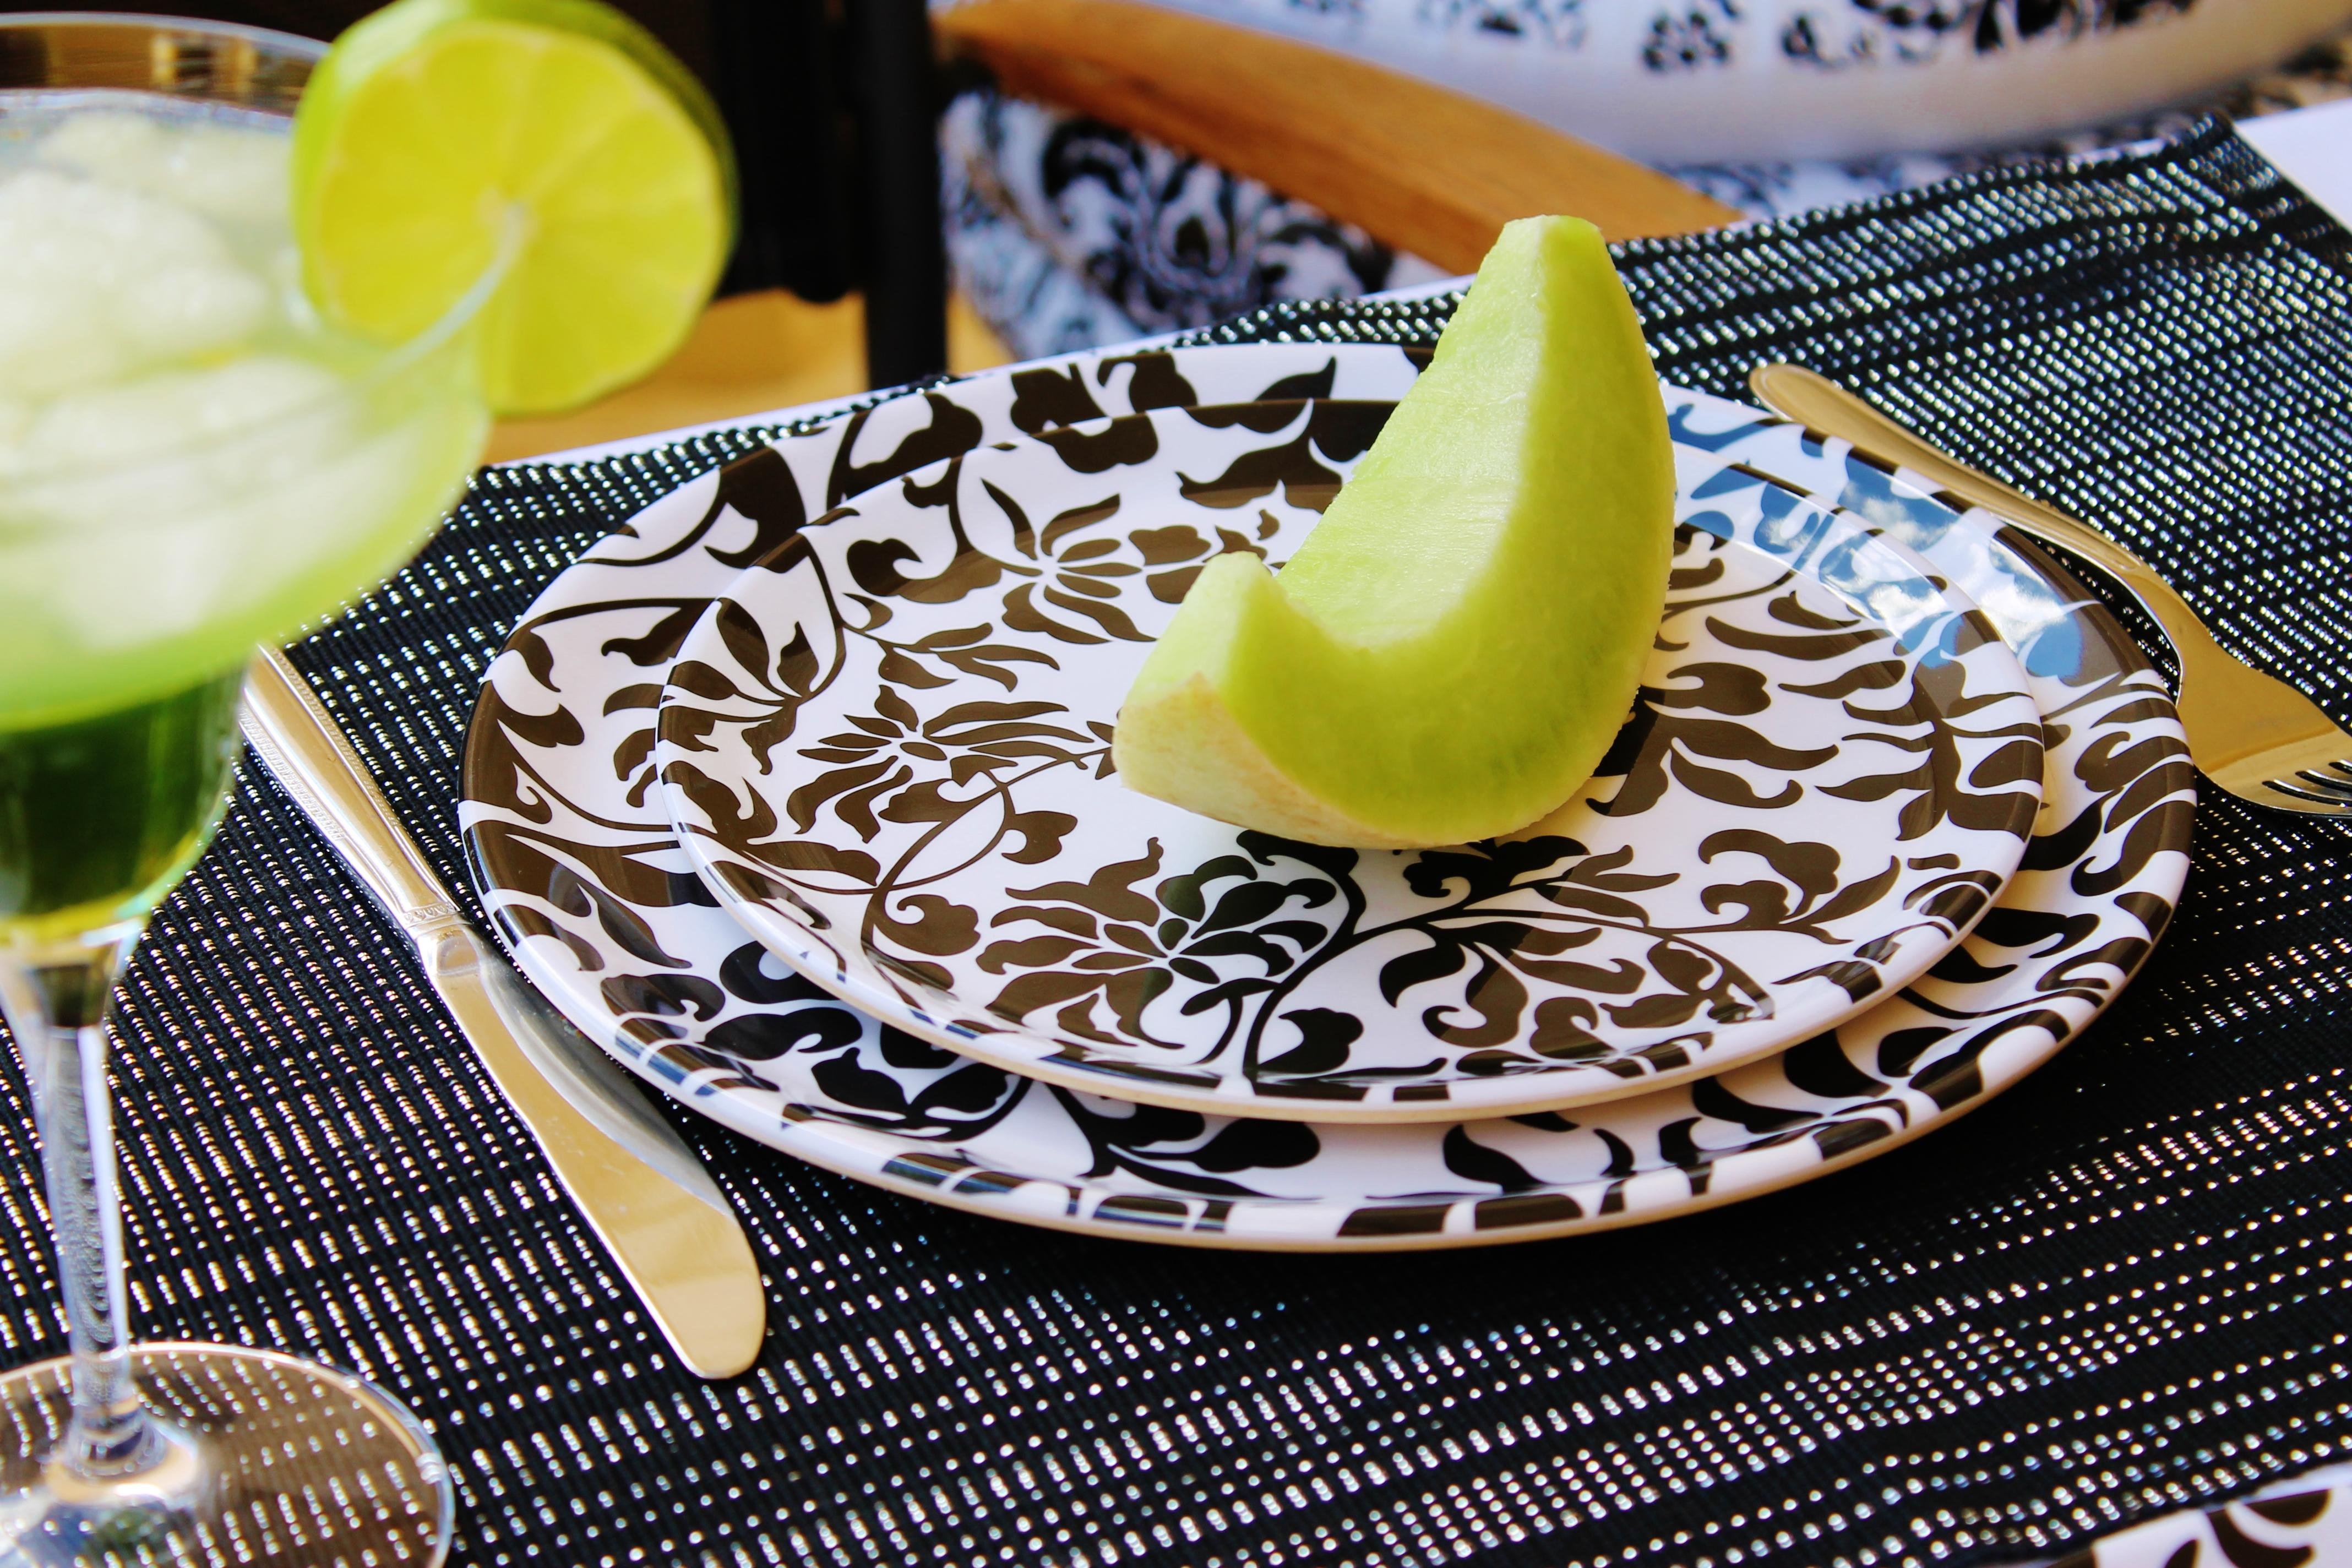 Image & melamine dinnerware | urbanspicehomewares